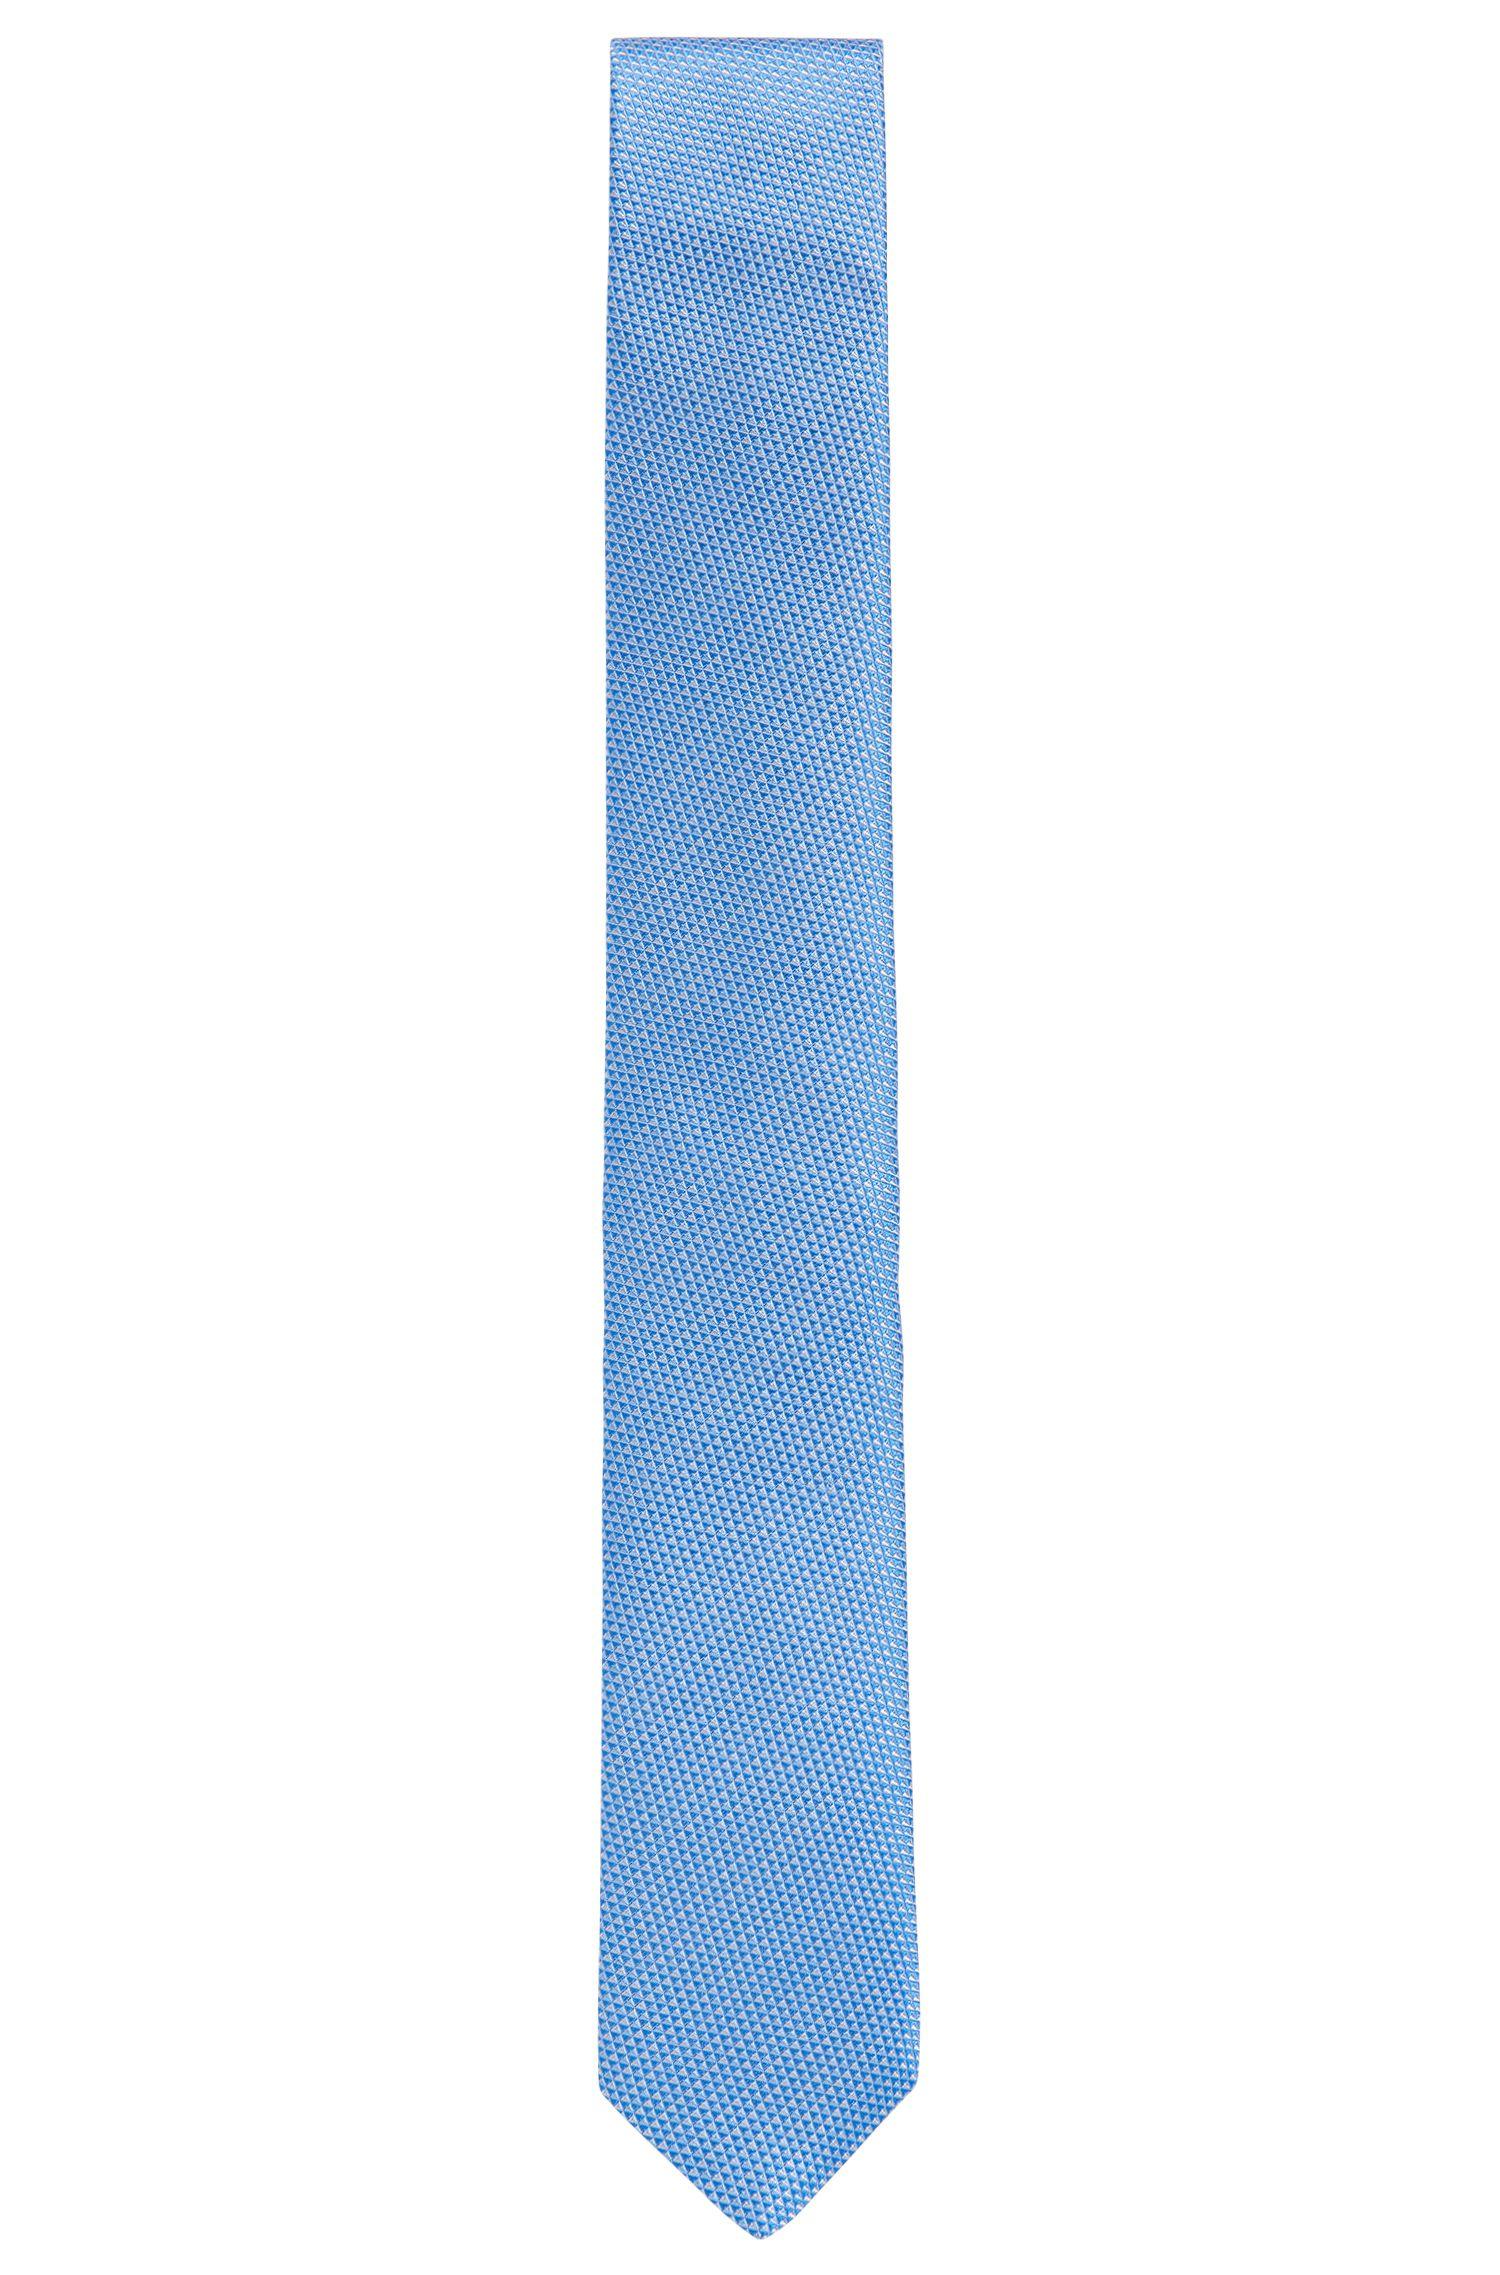 Corbata de seda con microestampado